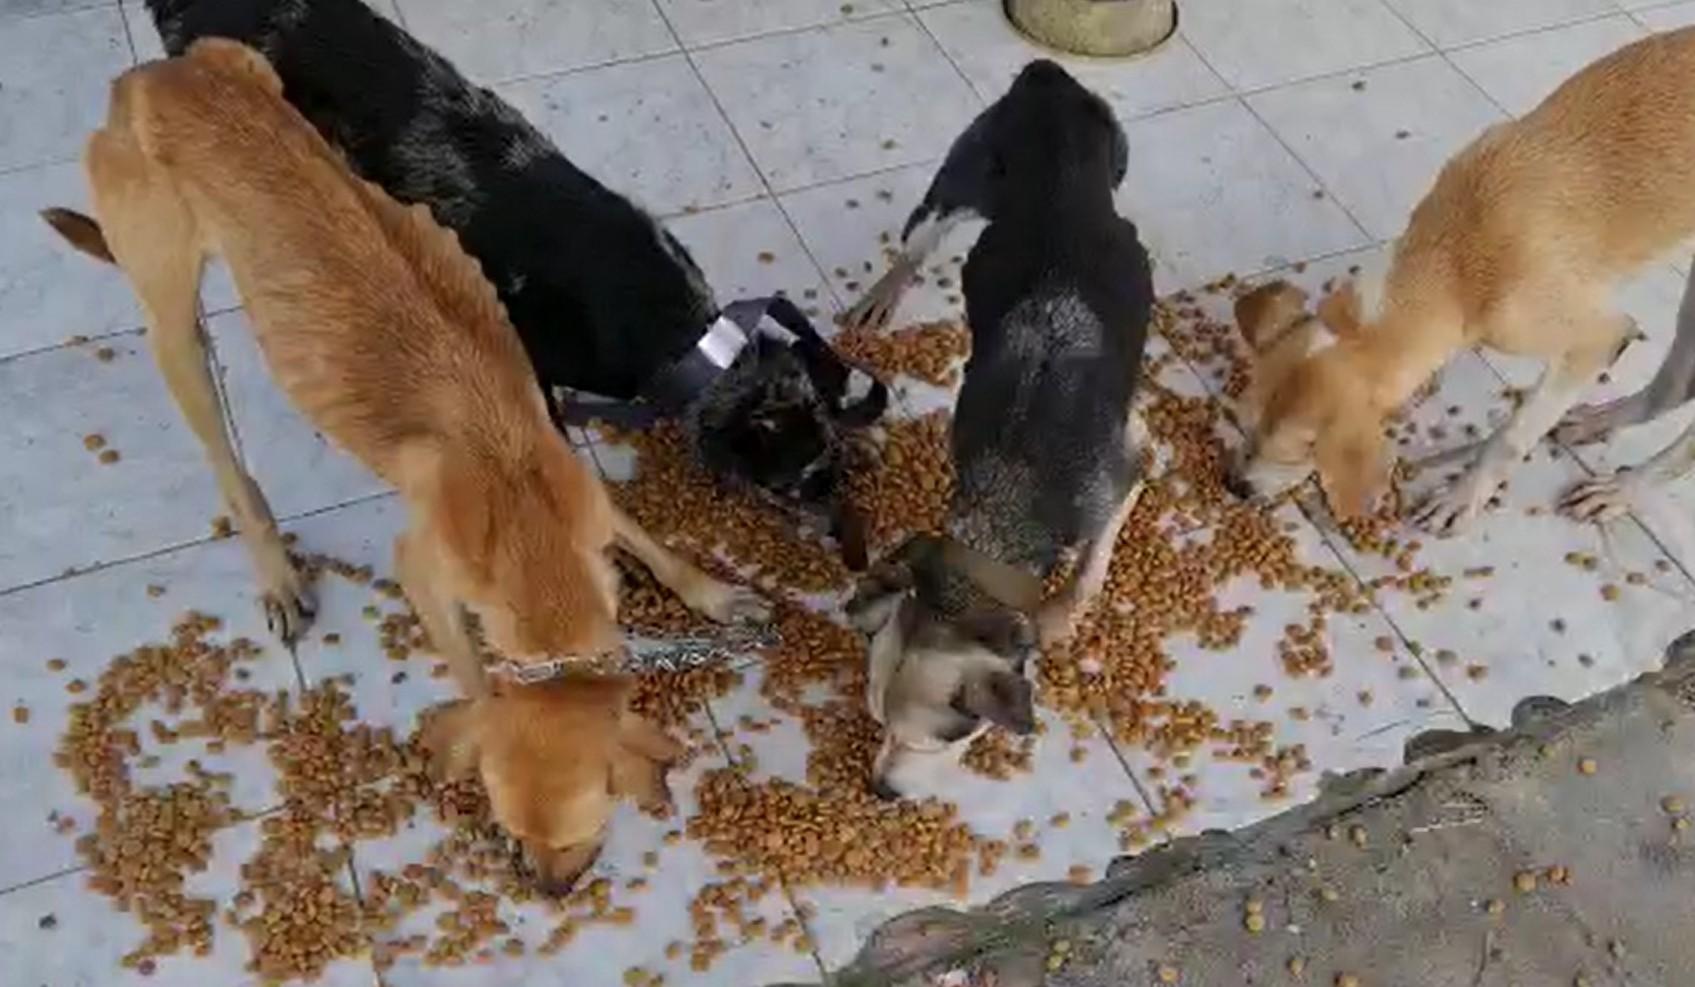 Abandonados pelo tutor, 5 cães foram encontrados em situação de maus-tratos no interior do AP